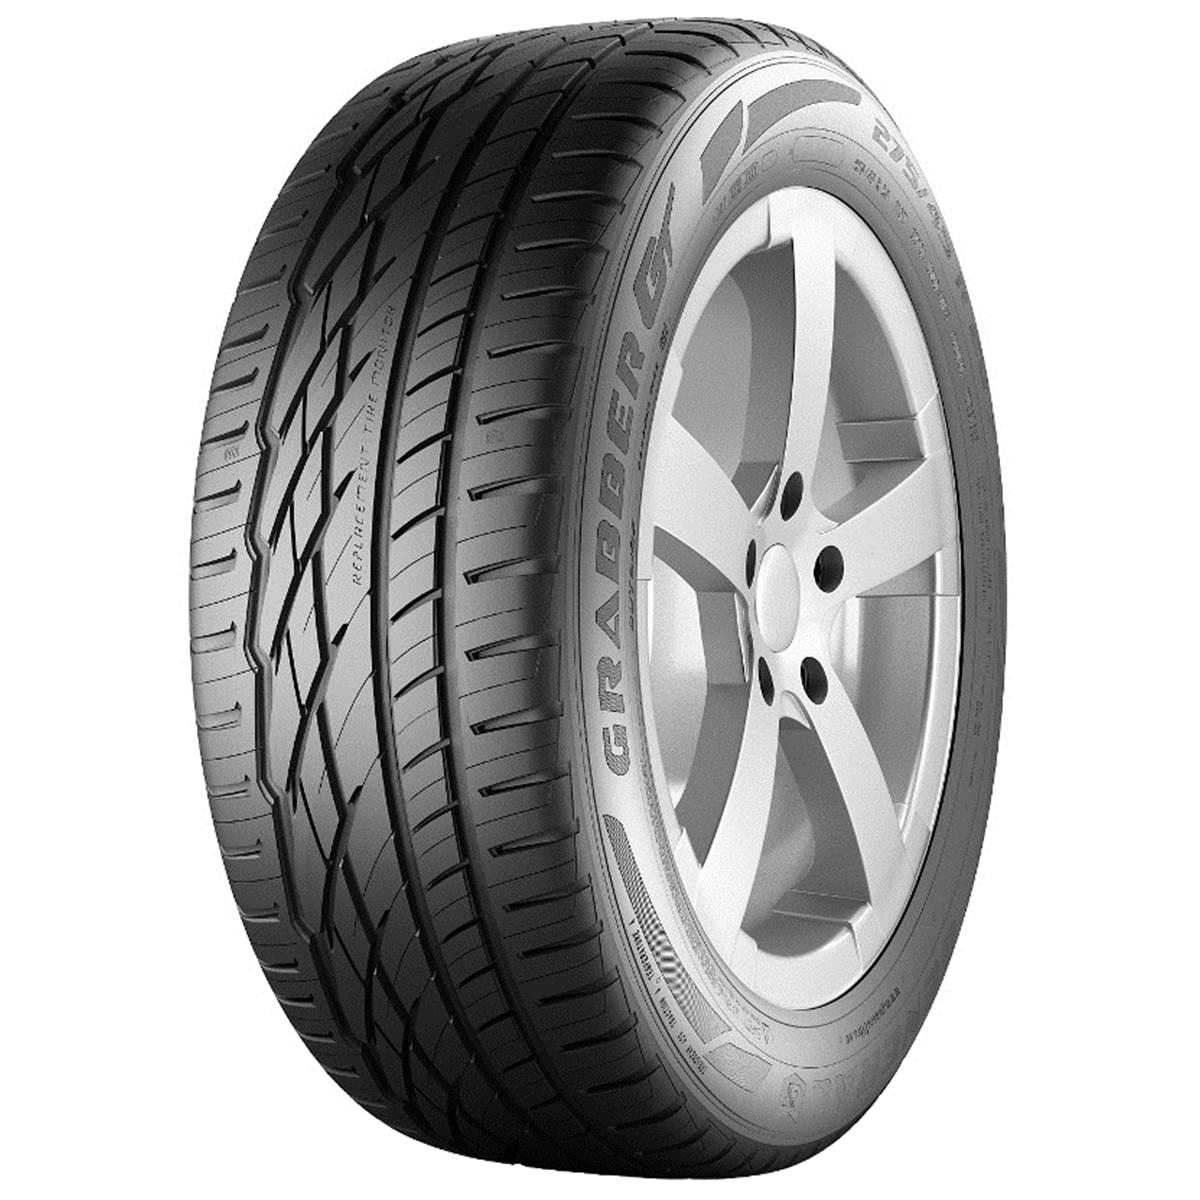 Pneu 4X4 Général tire 215/65R16 102H Grabber Gt XL